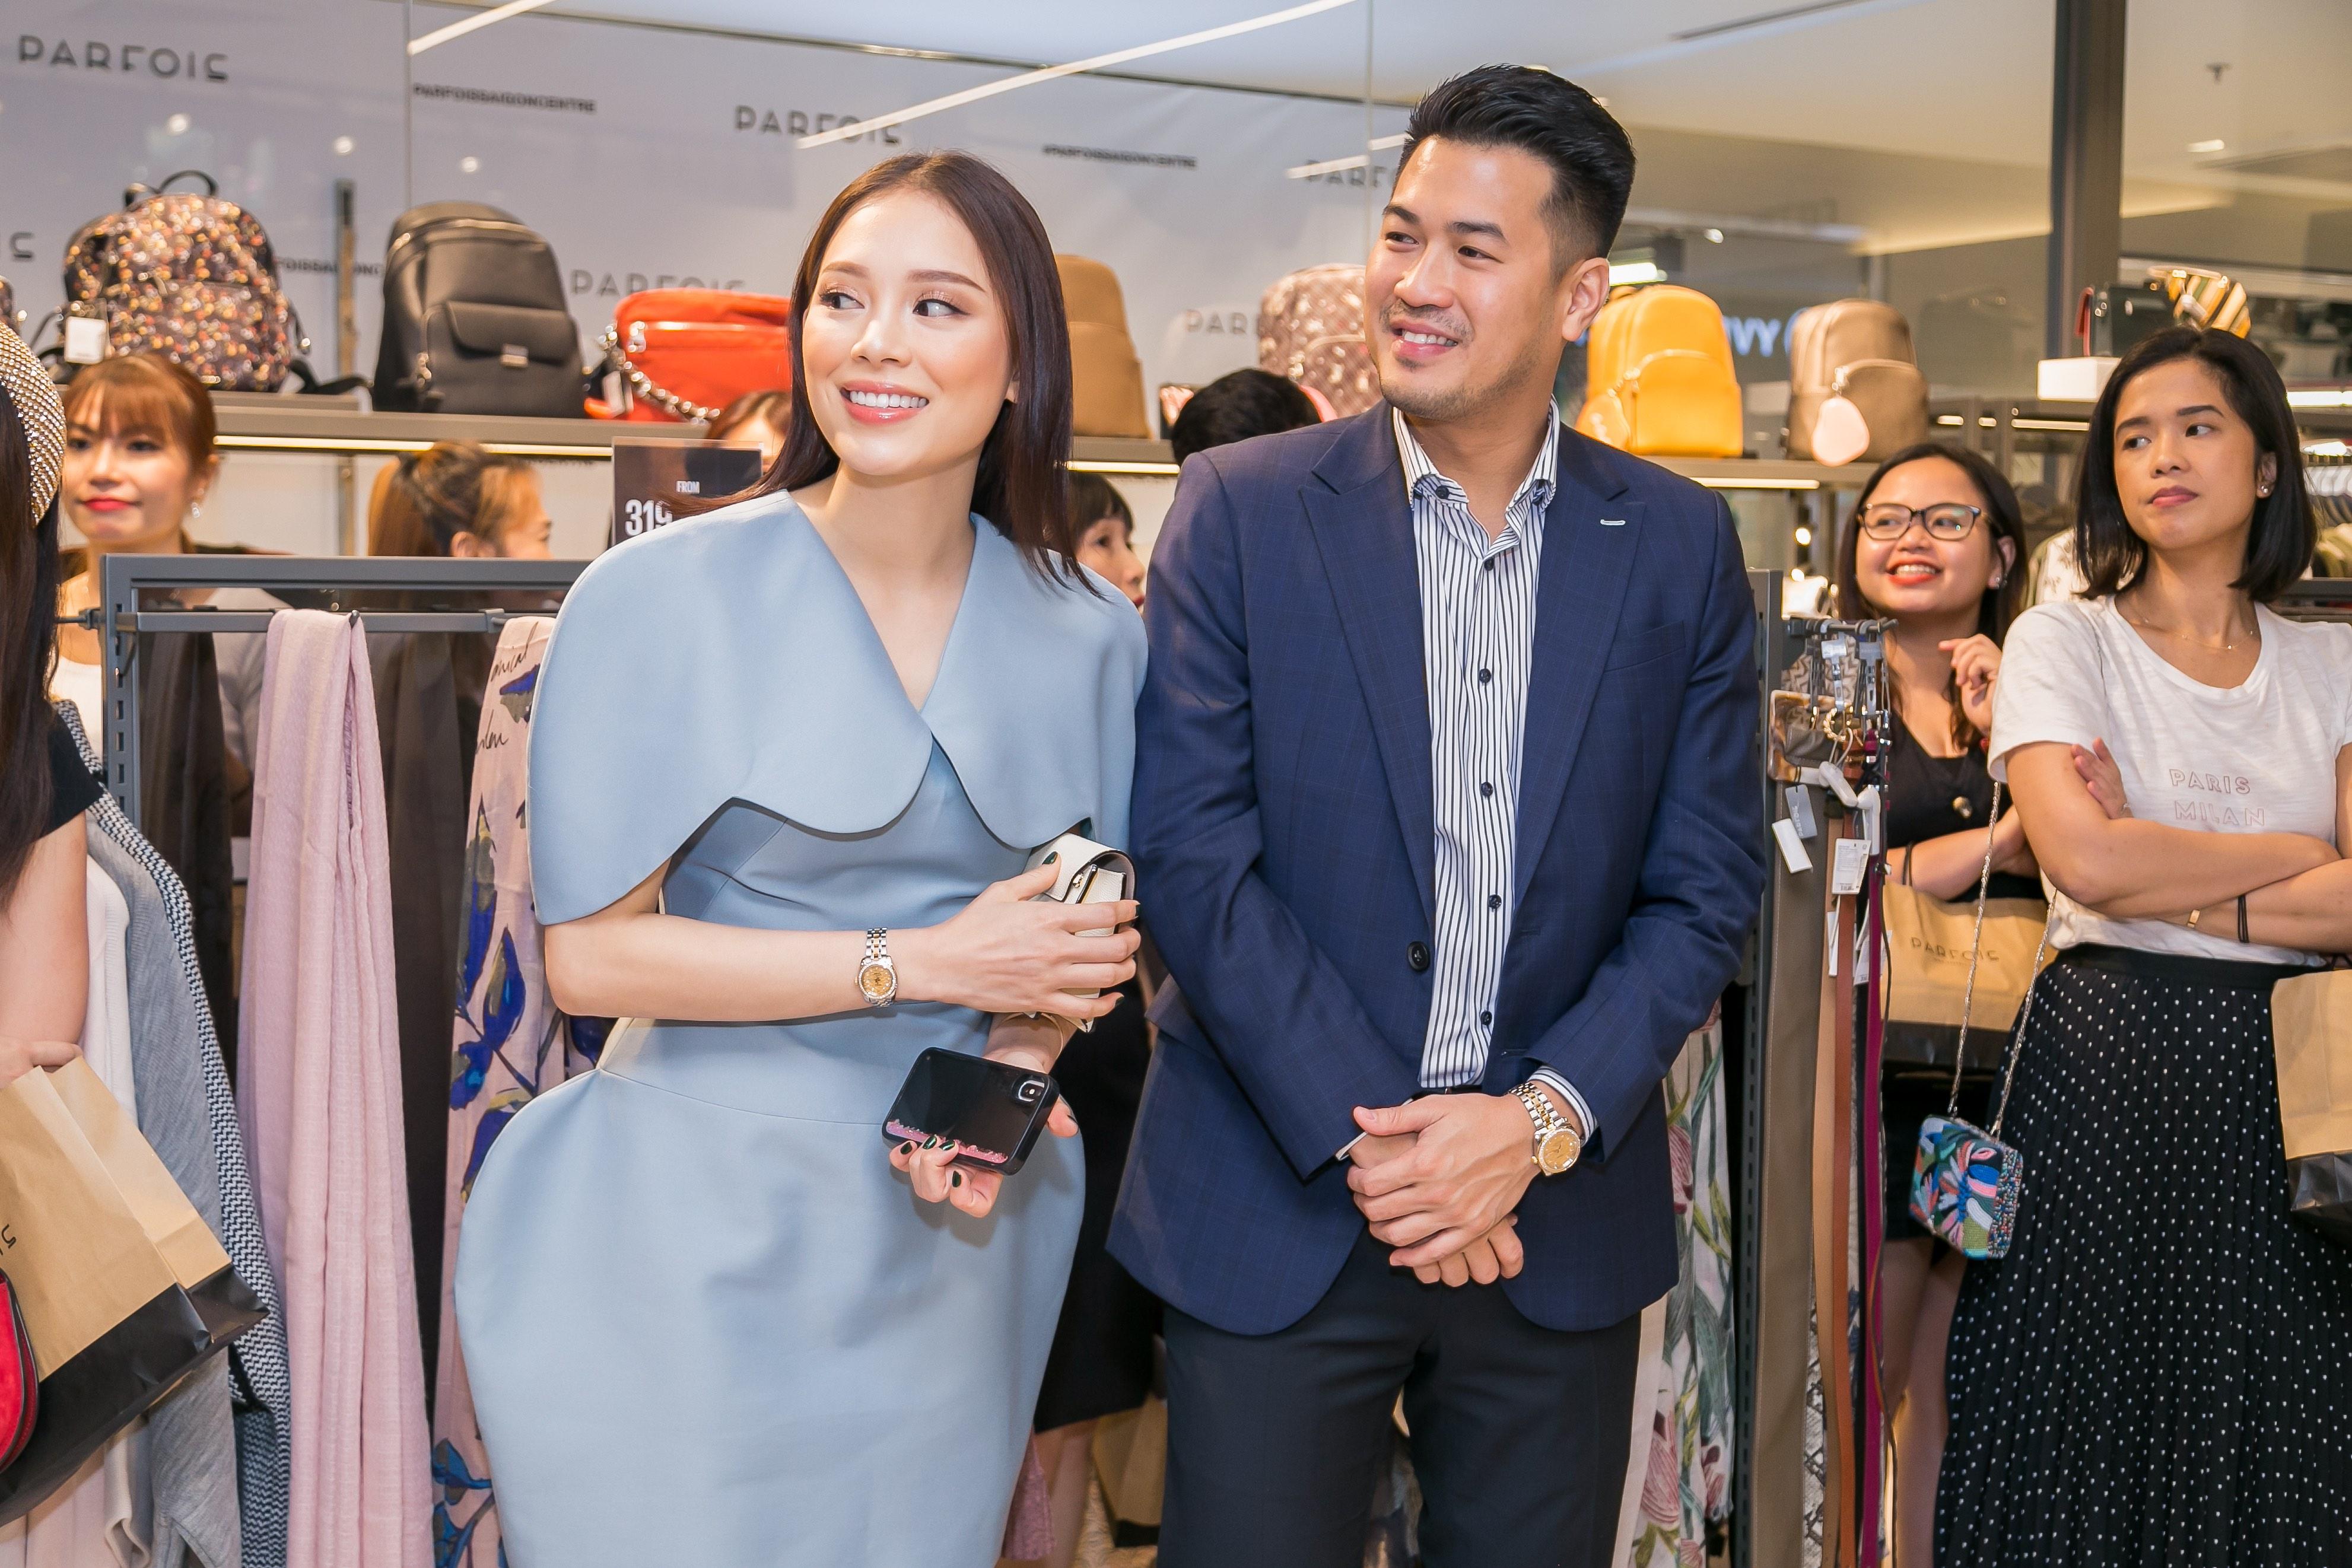 Parfois Việt Nam khai trương cửa hàng mới tại Sài Gòn Centre 5